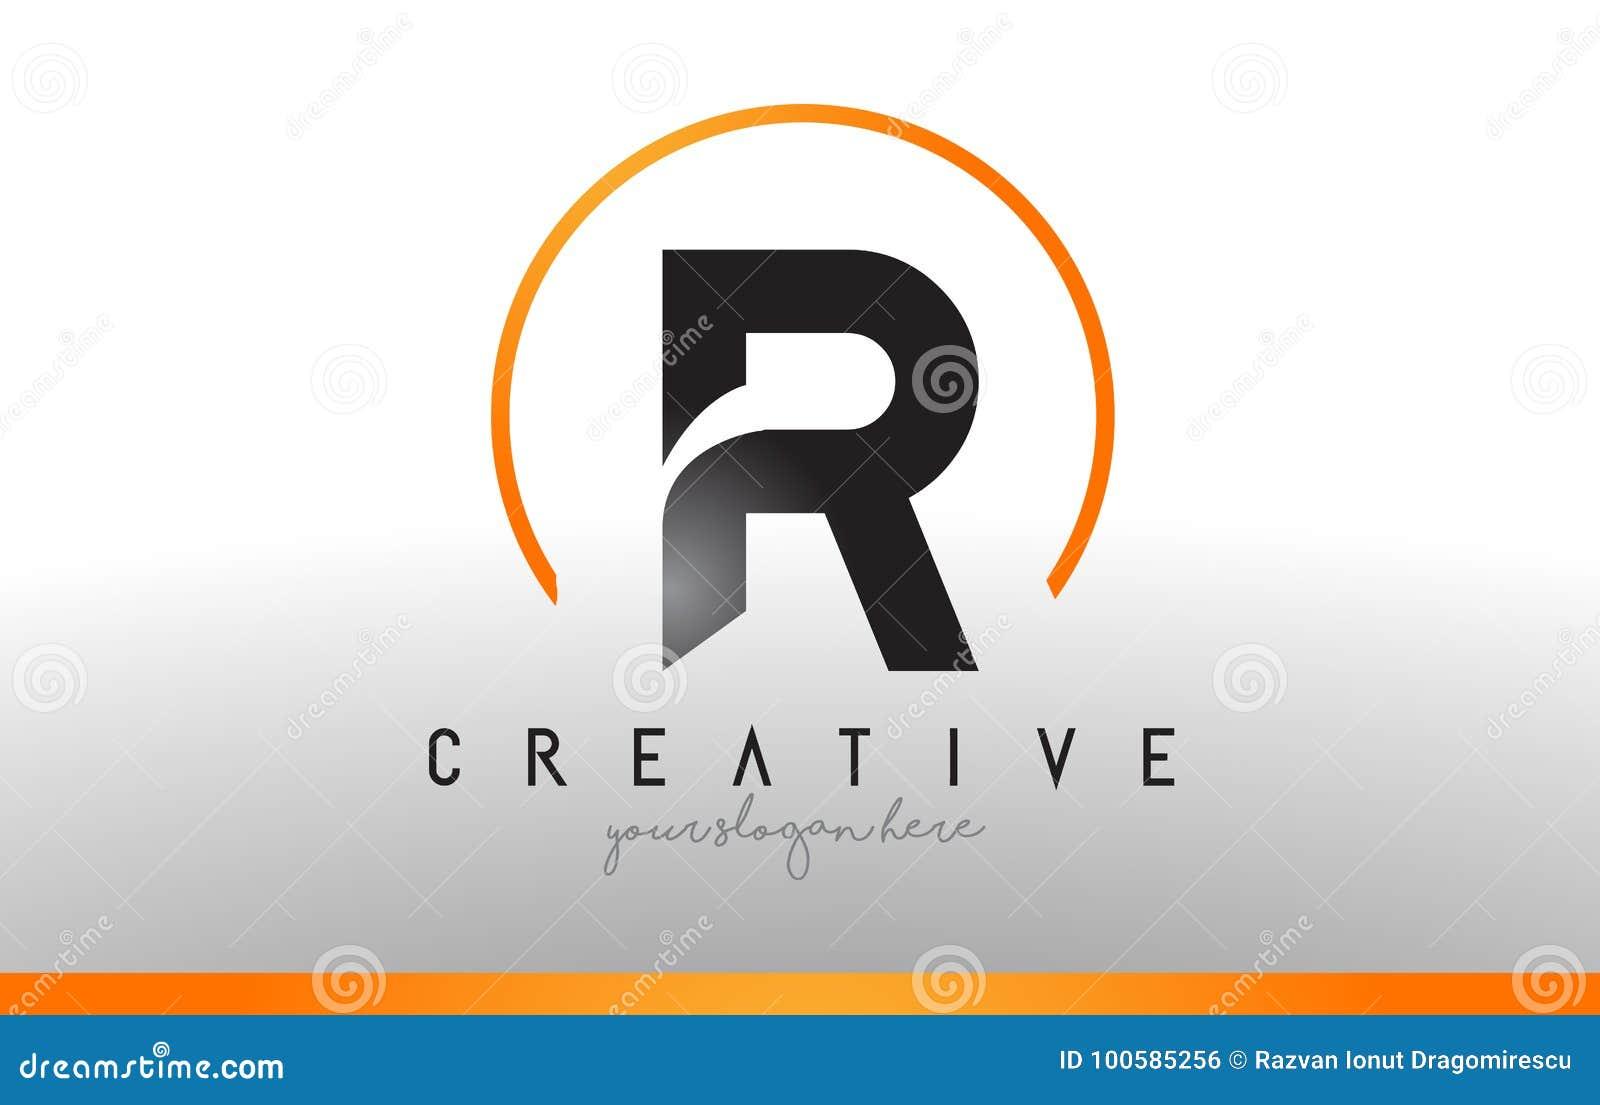 Cool Letter I Logo.R Letter Logo Design With Black Orange Color Cool Modern